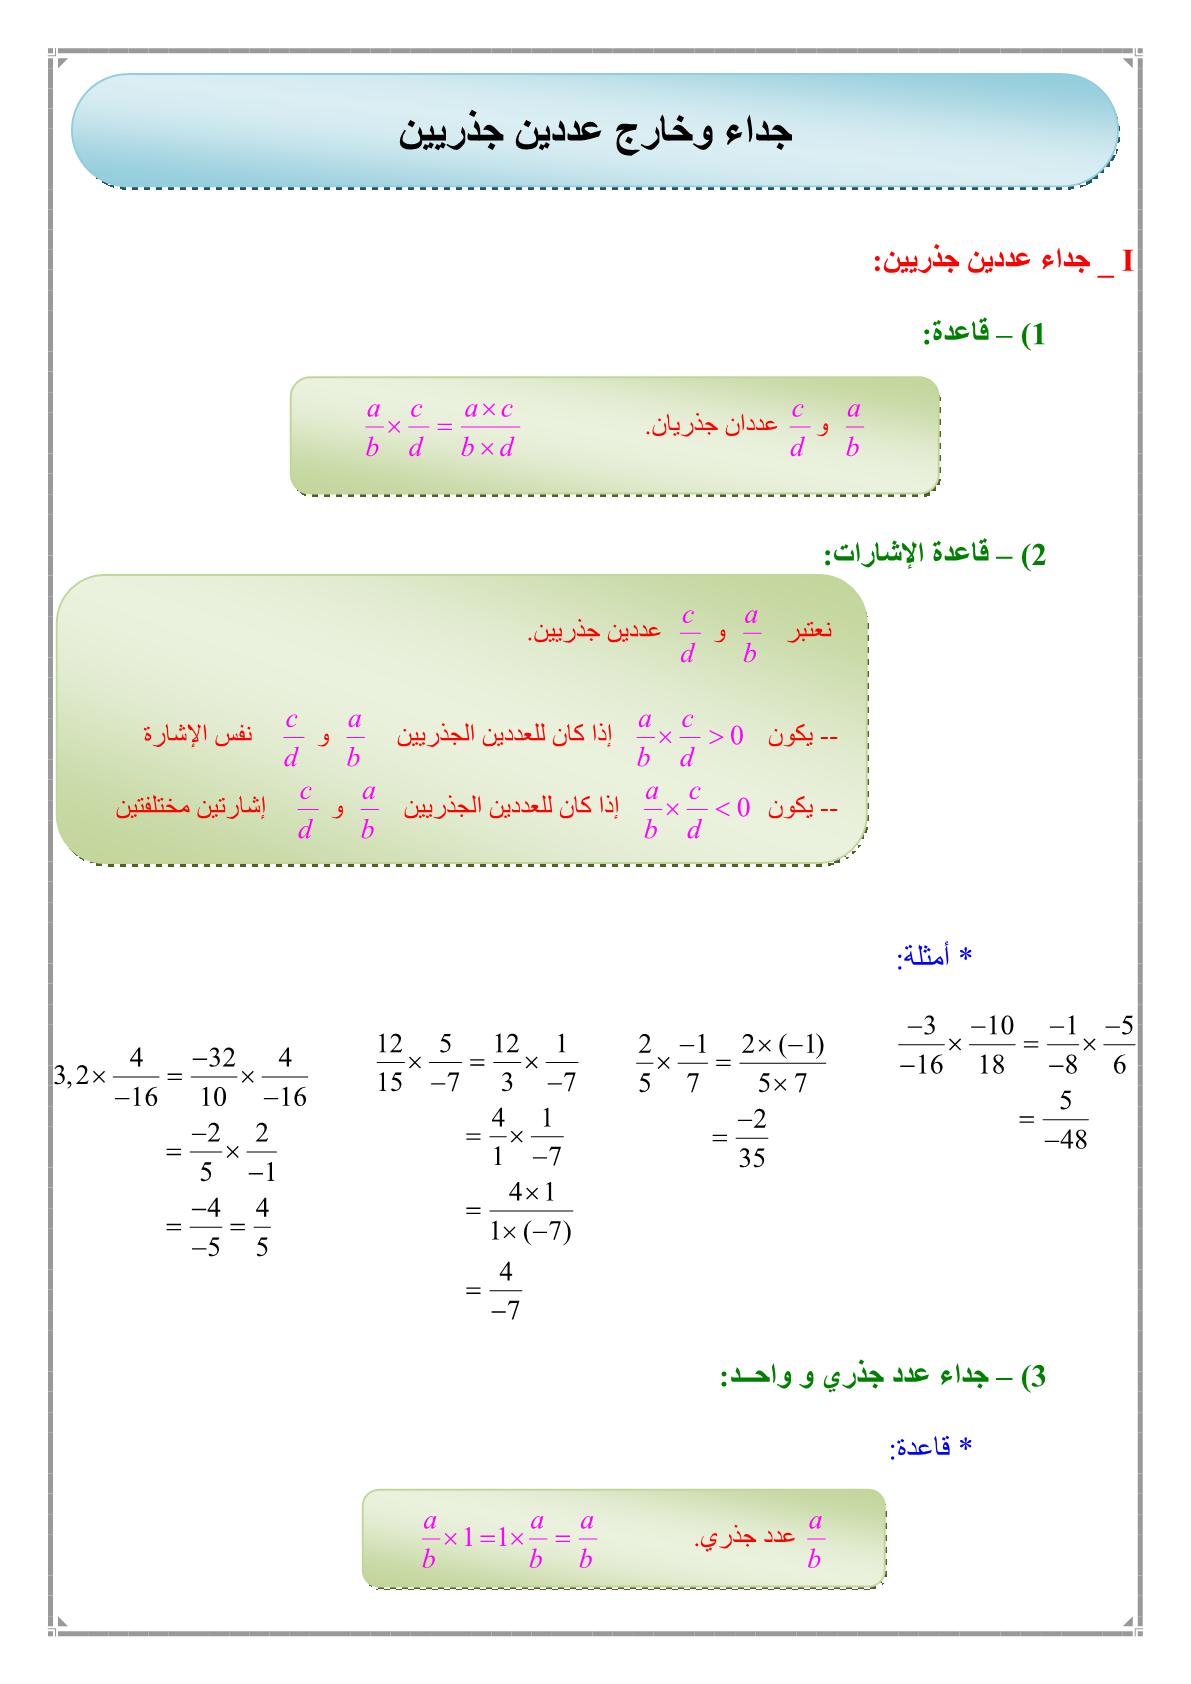 درس جذاء وخارج عددين جذريين مادة الرياضيات للسنة الثانية اعدادي